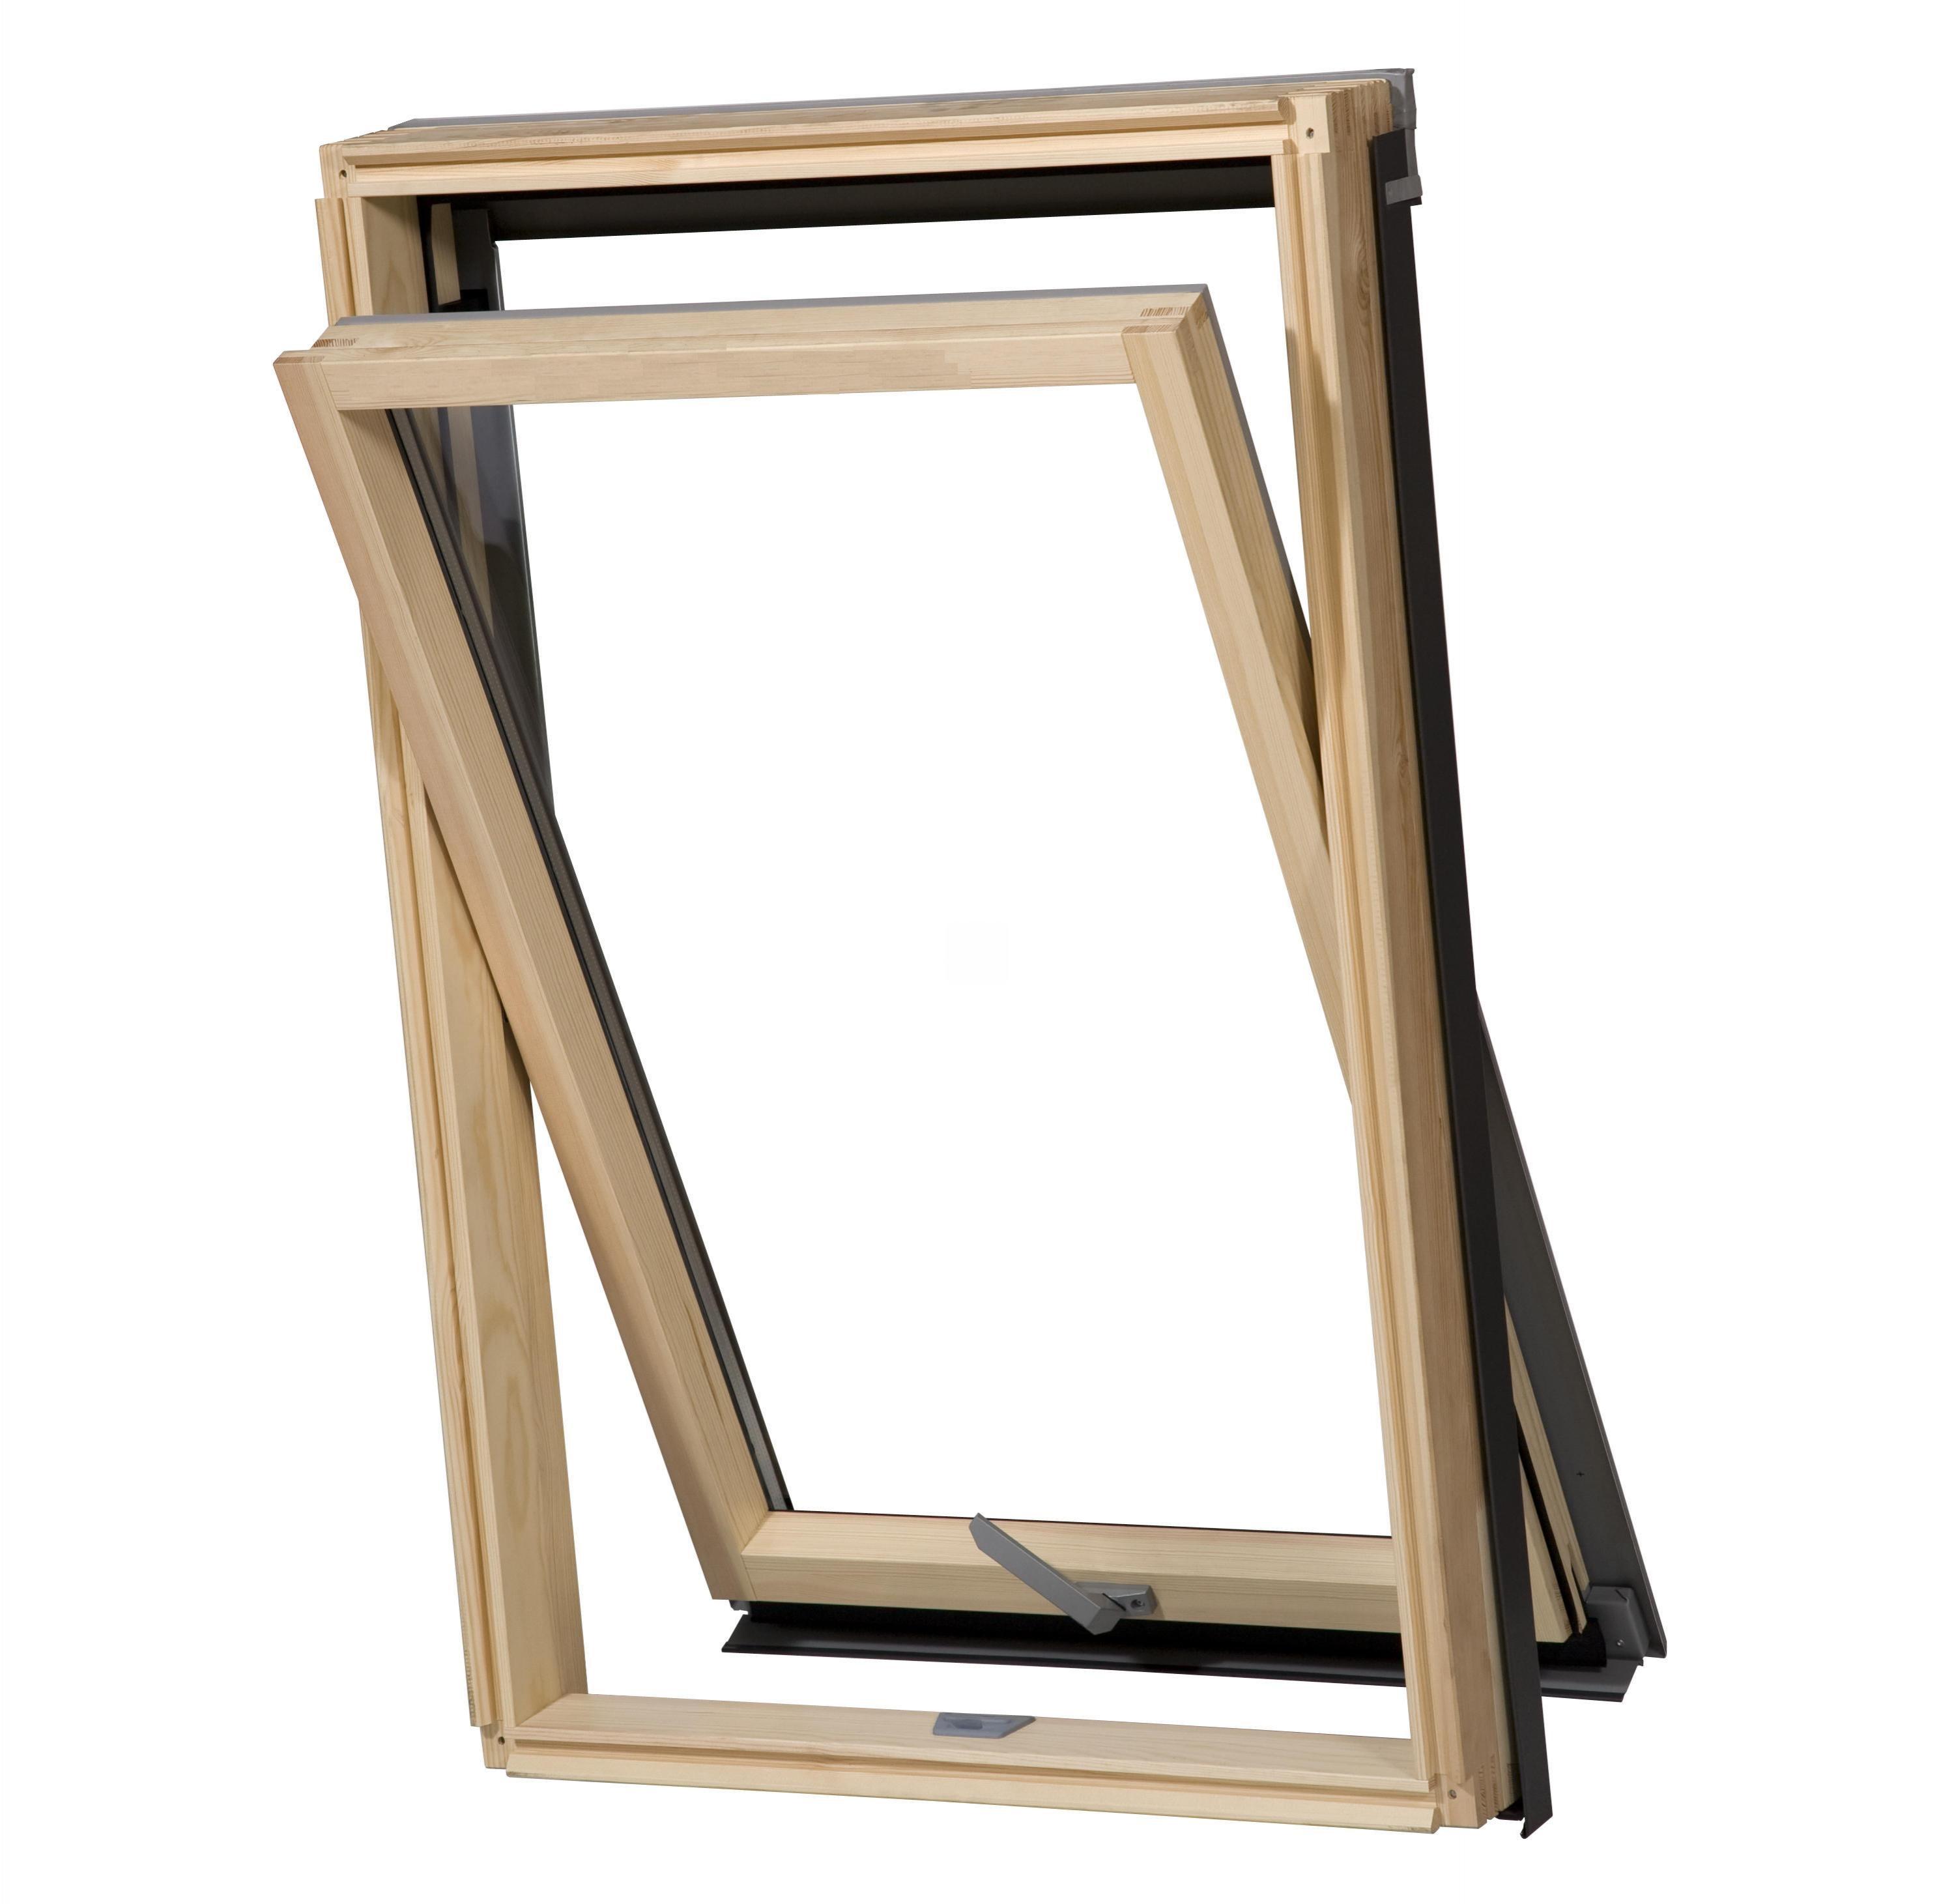 dachfenster dachfl chenfenster aus holz gratis balio velux opti fakro konzern ebay. Black Bedroom Furniture Sets. Home Design Ideas